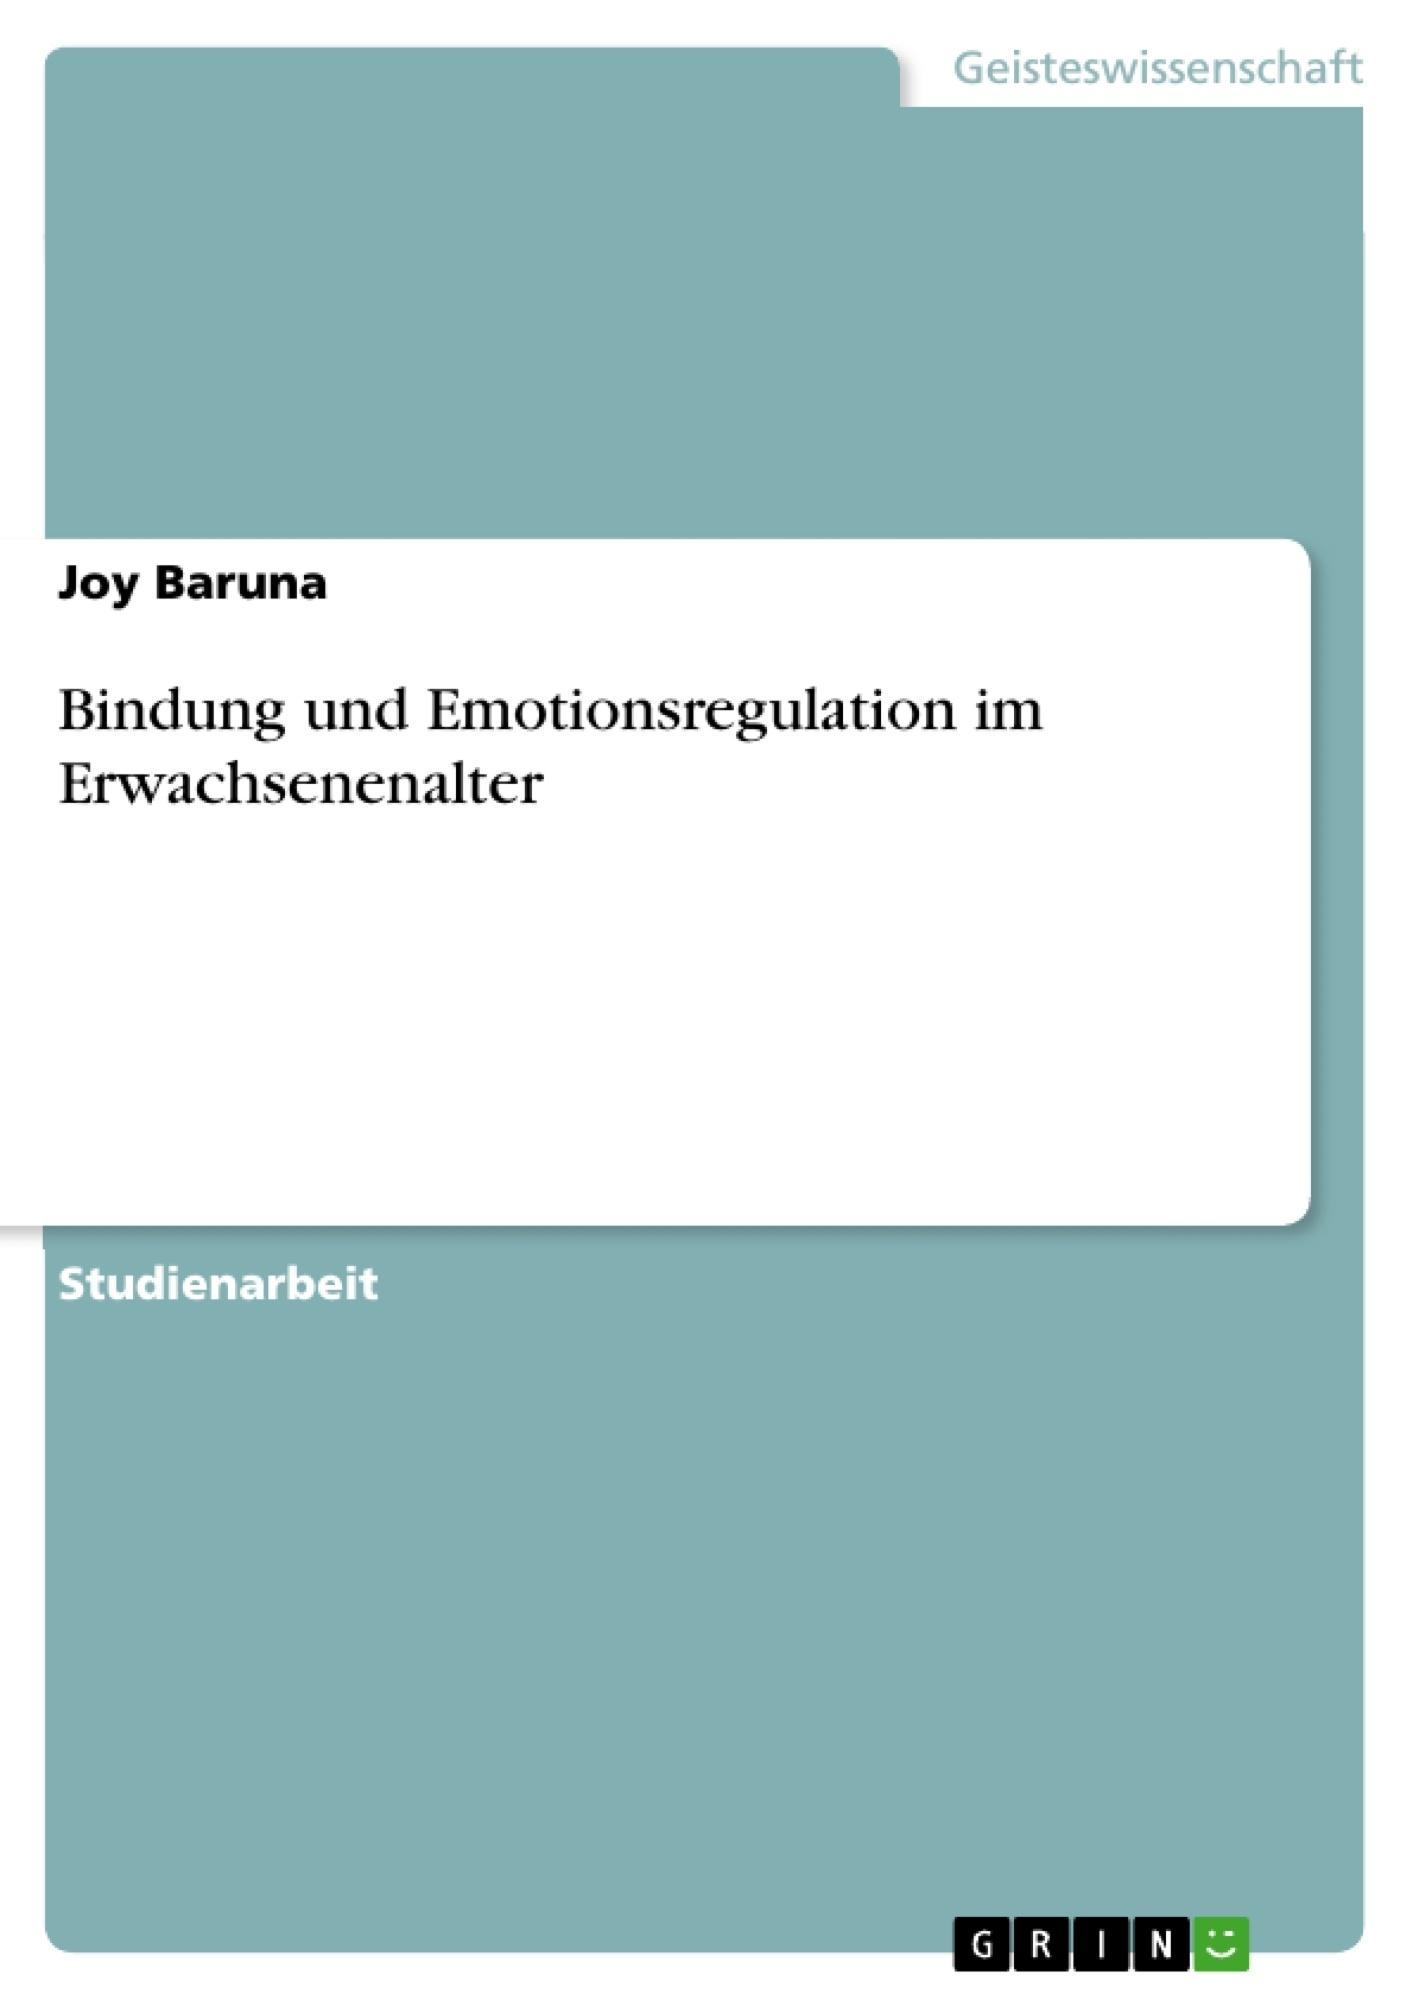 Titel: Bindung und Emotionsregulation im Erwachsenenalter